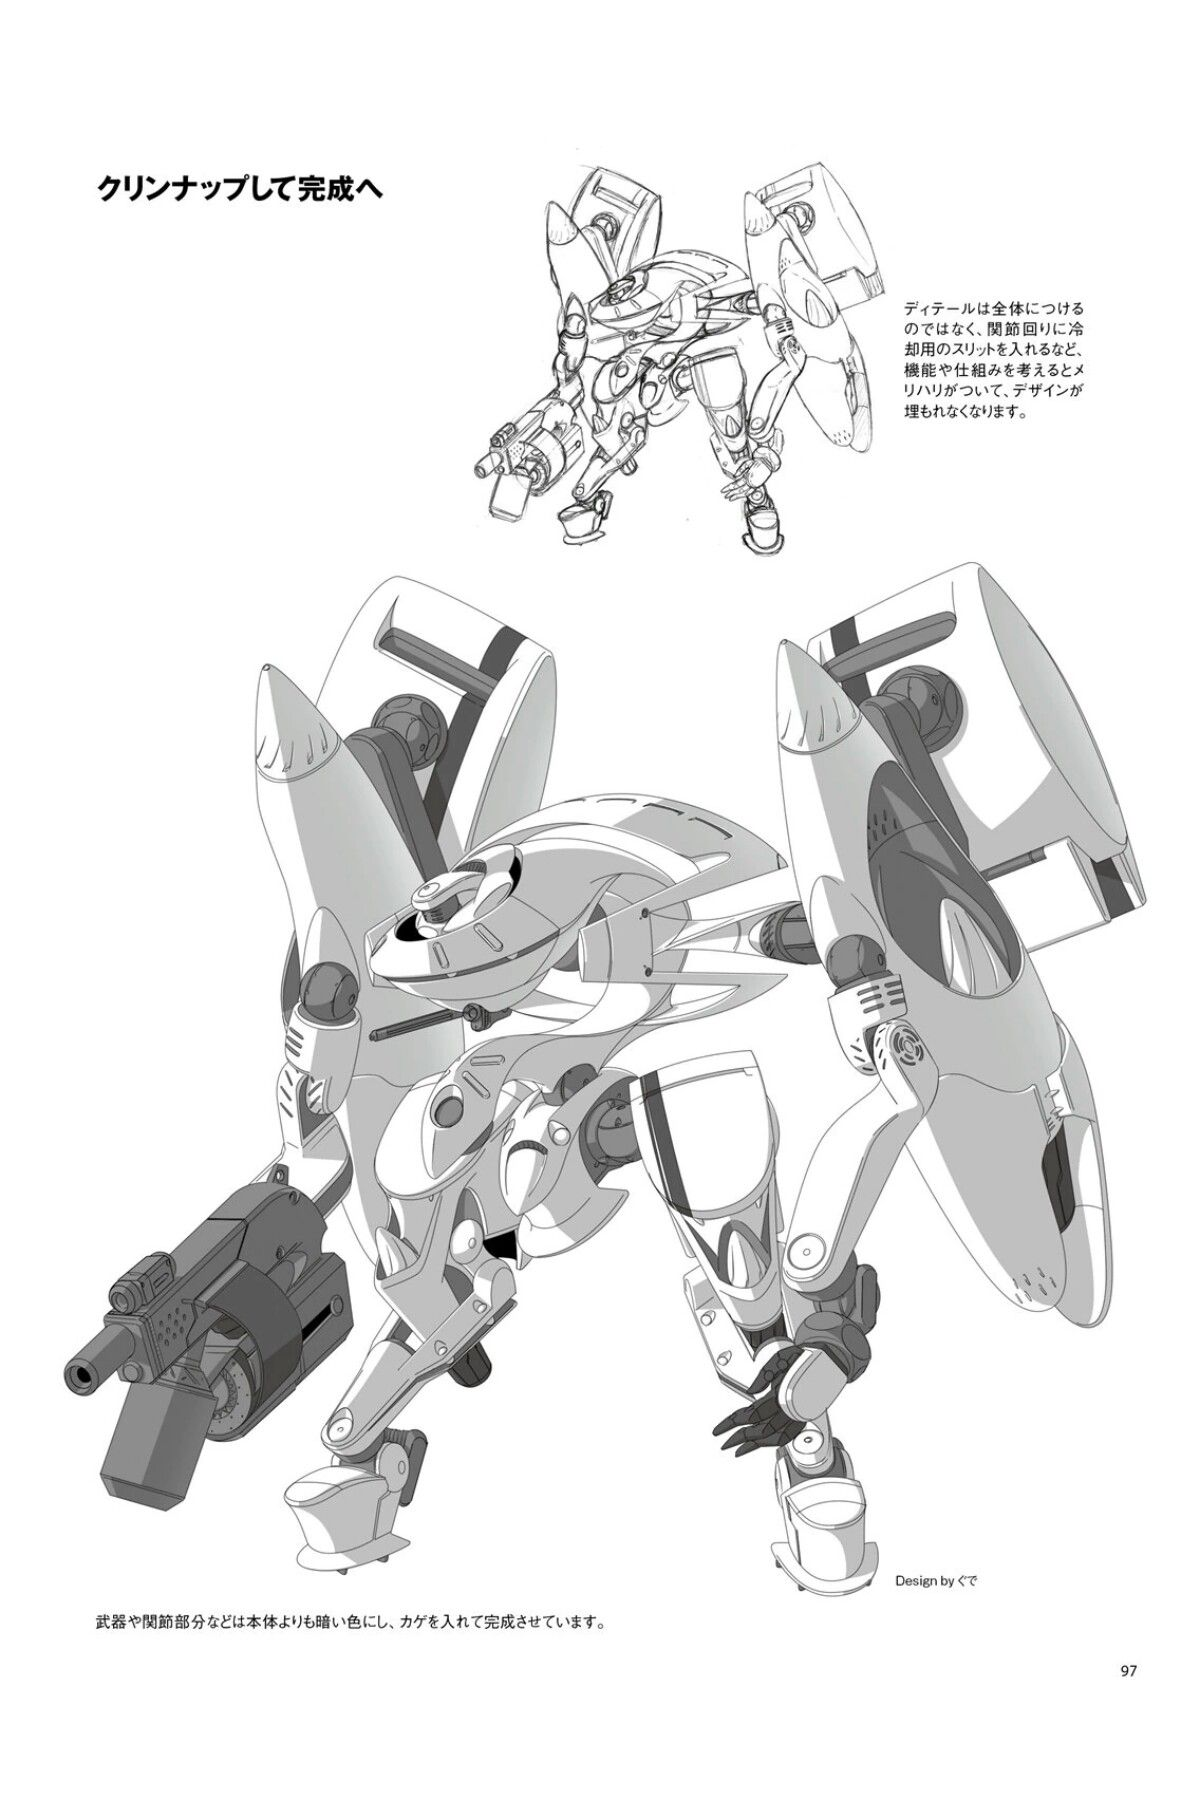 ロボットを描く基本 箱ロボからオリジナルロボまで Page 97 Mecha